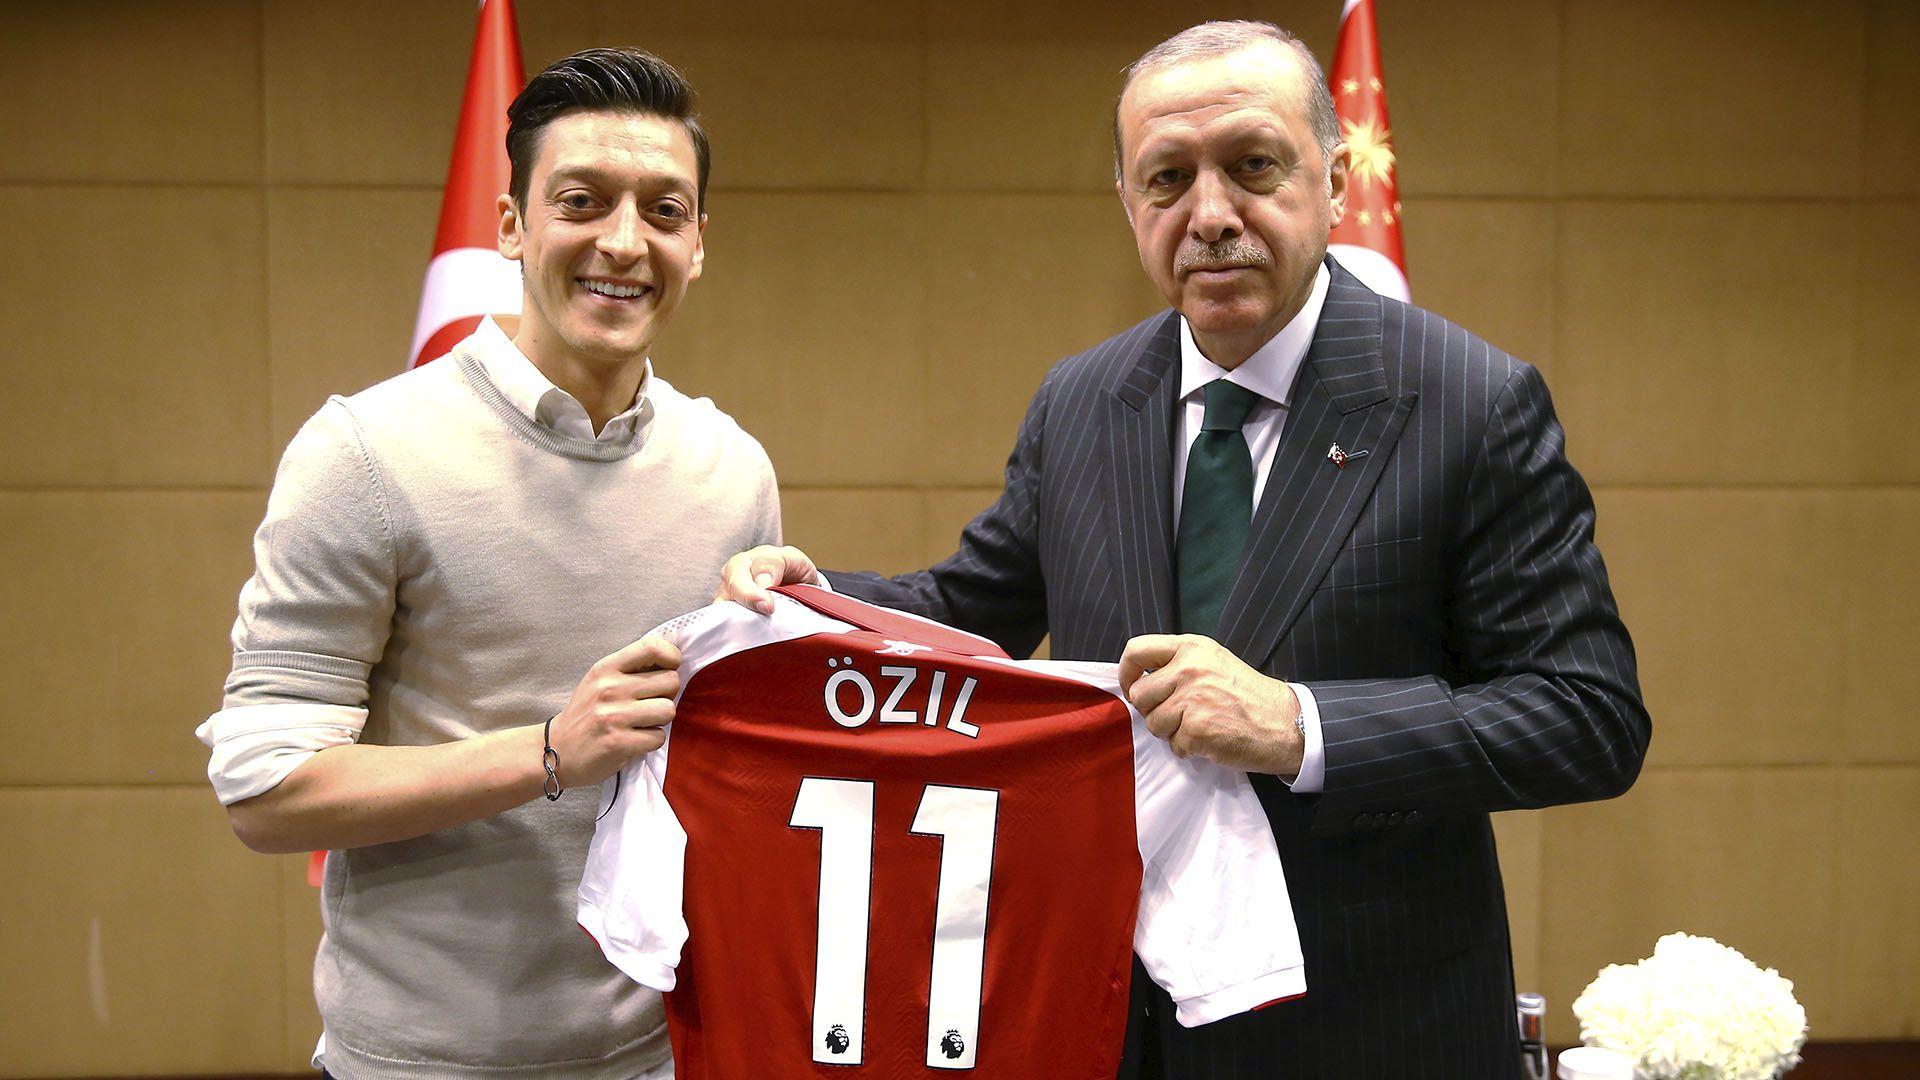 (Reuters) La foto en cuestión entre Ozil y Erdogan